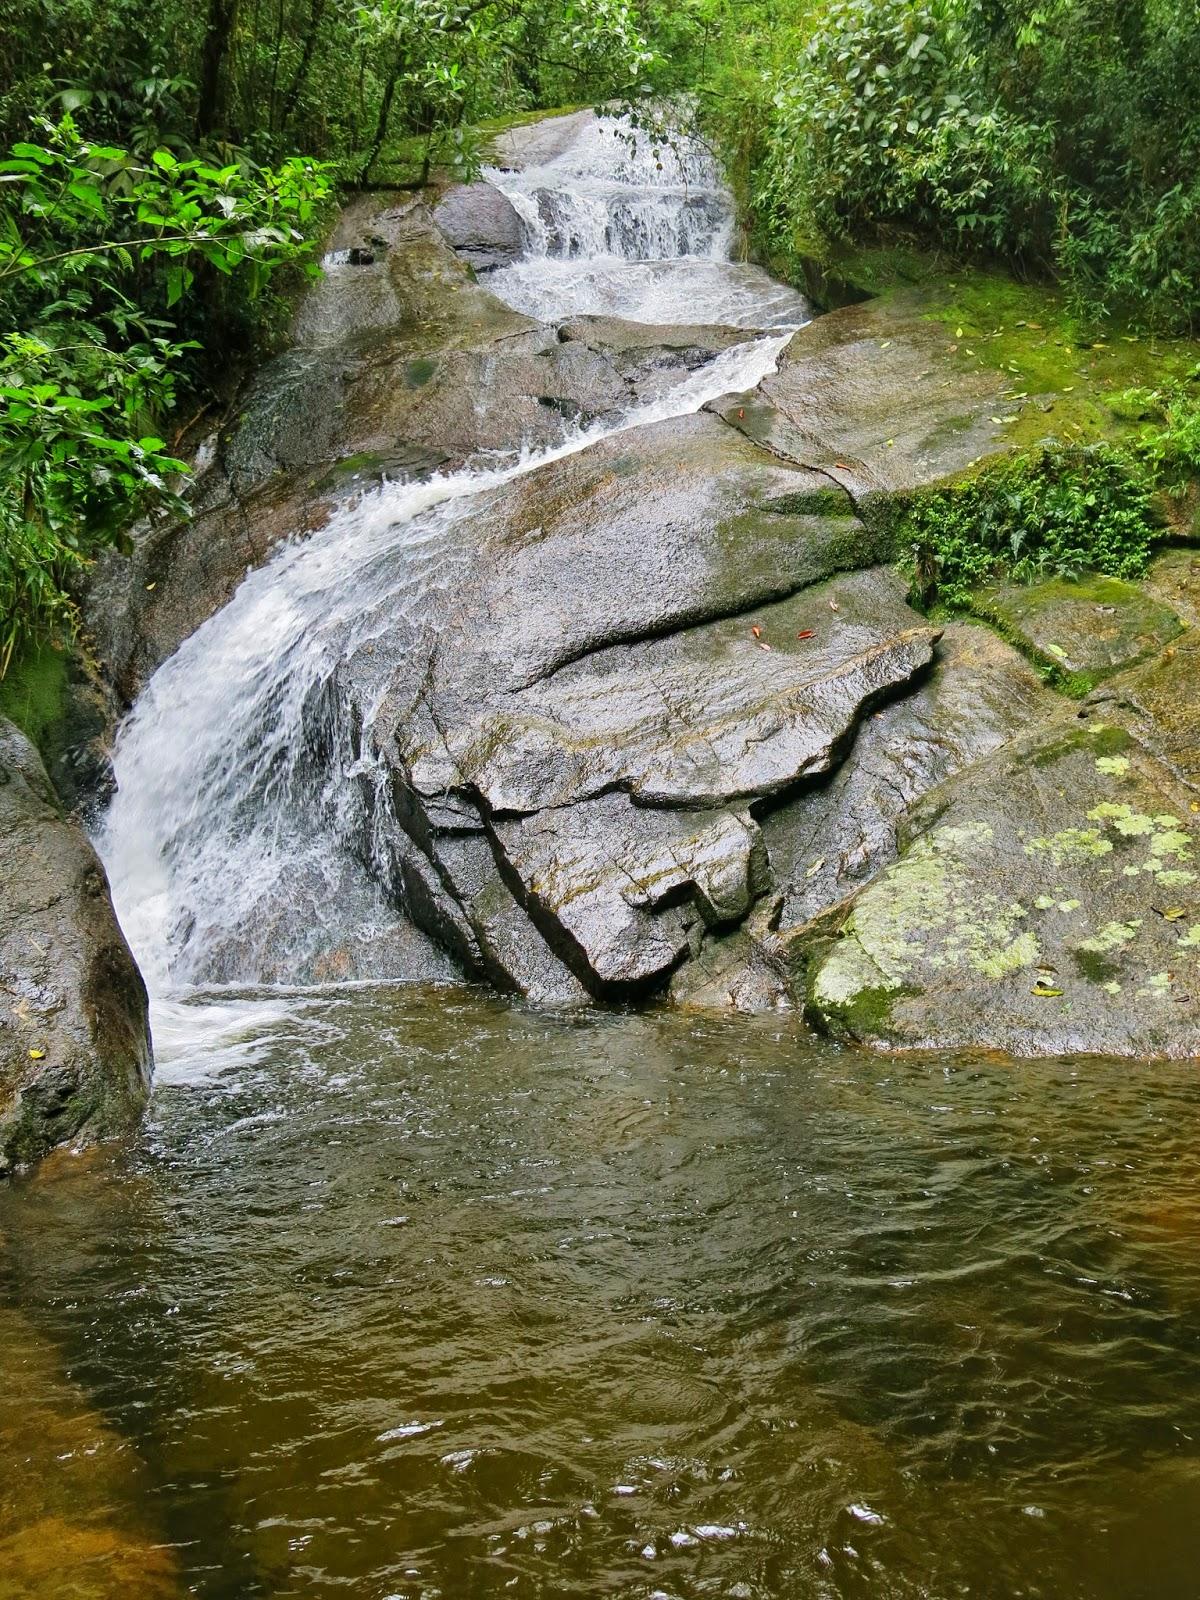 Cachoeira do Açude, mais uma cachoeira no Vale do Alcantilado em Visconde de Mauá.